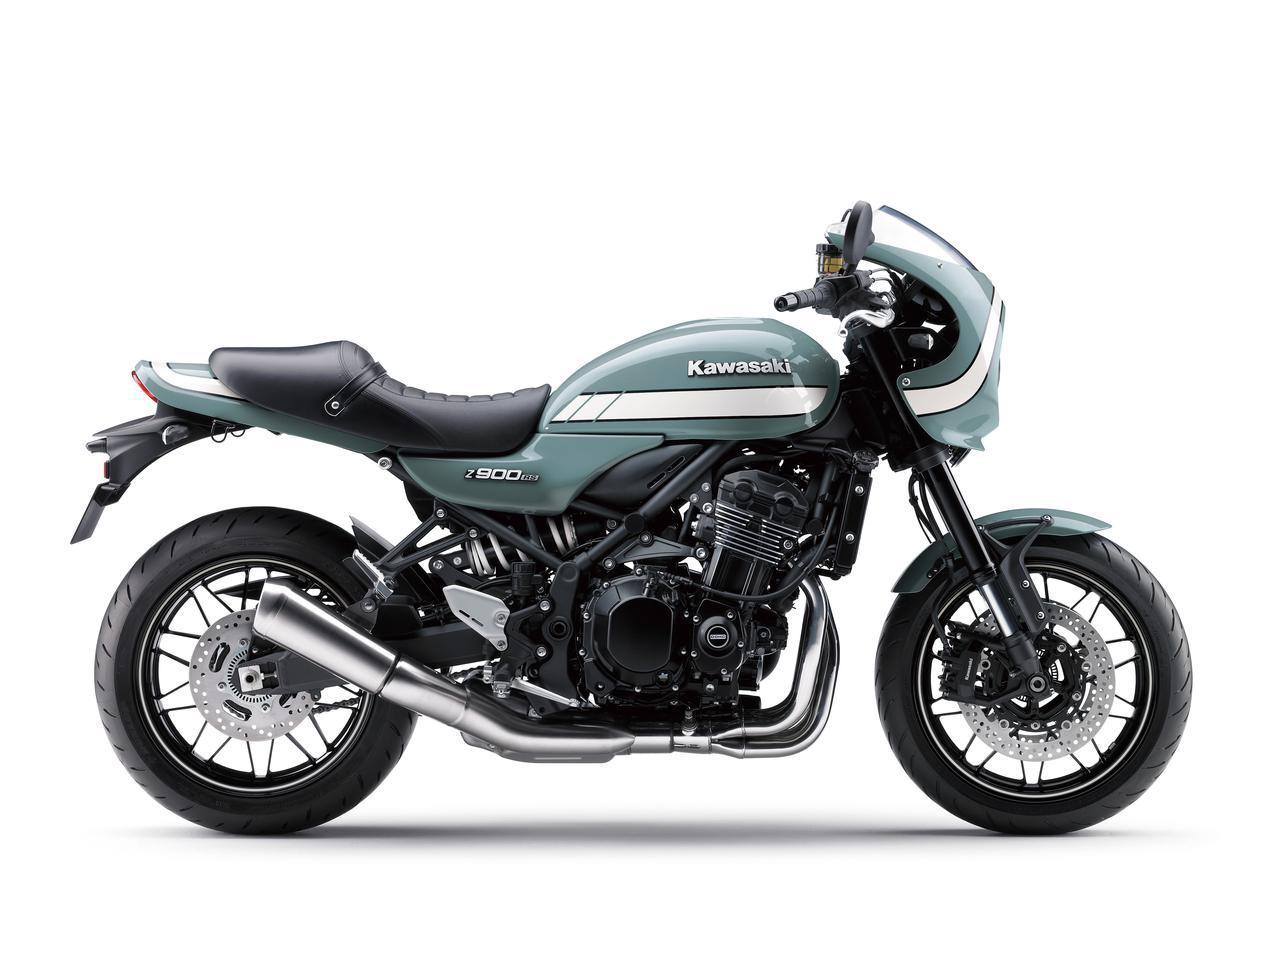 画像12: カワサキが「Z900RS CAFE」の新色を発売! Z900RSシリーズの2021年モデルと2020年モデルを比較してみよう【2021速報】